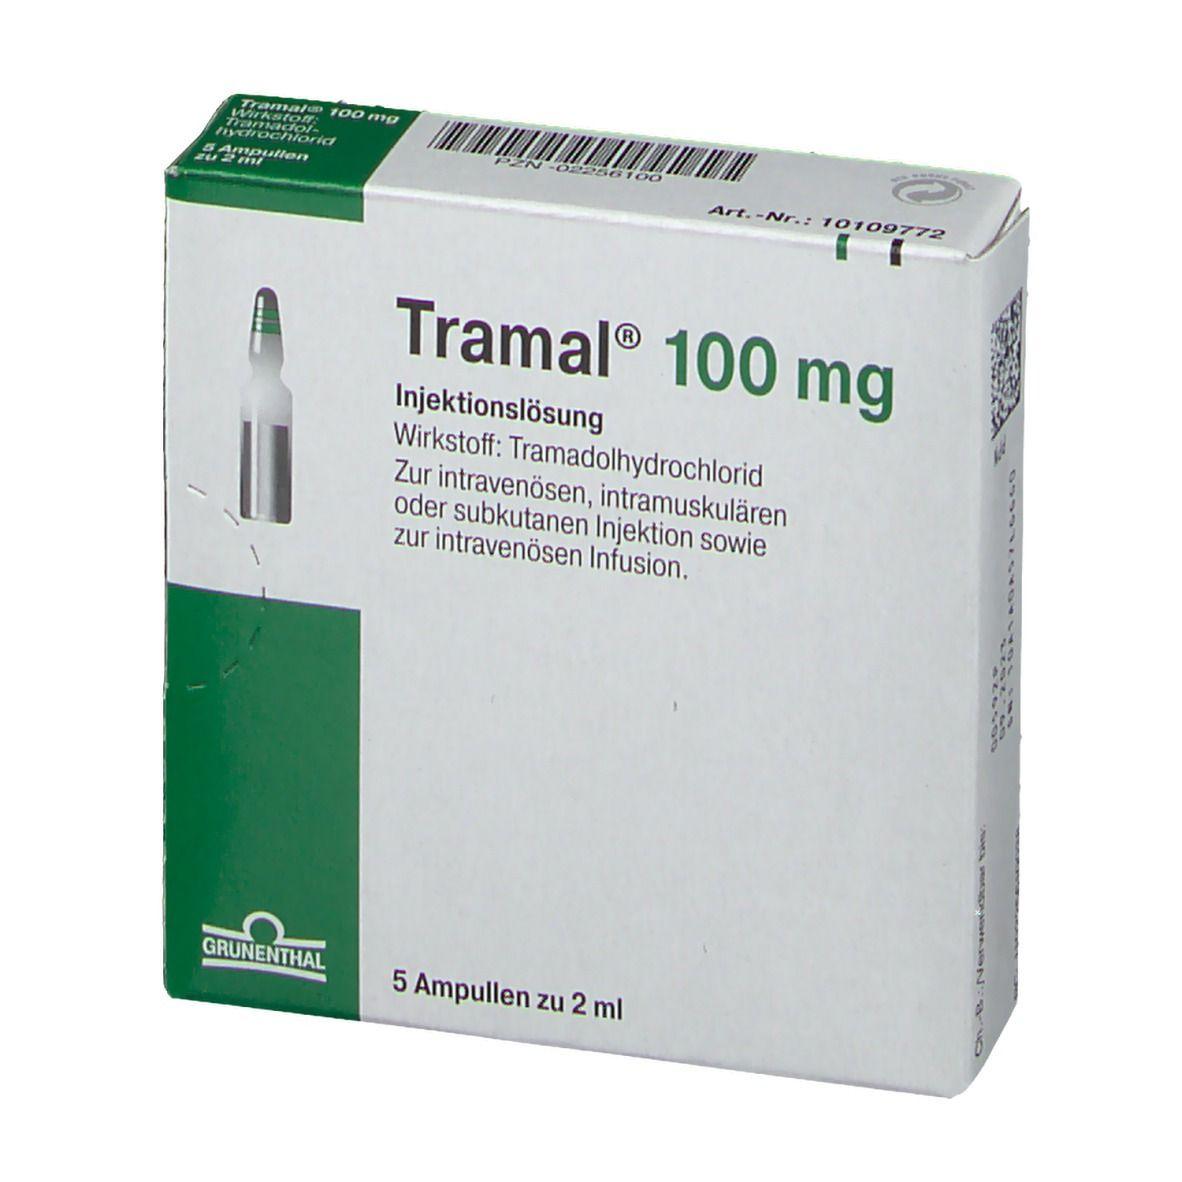 Tramal 100 mg Injektionsloesung Amp.